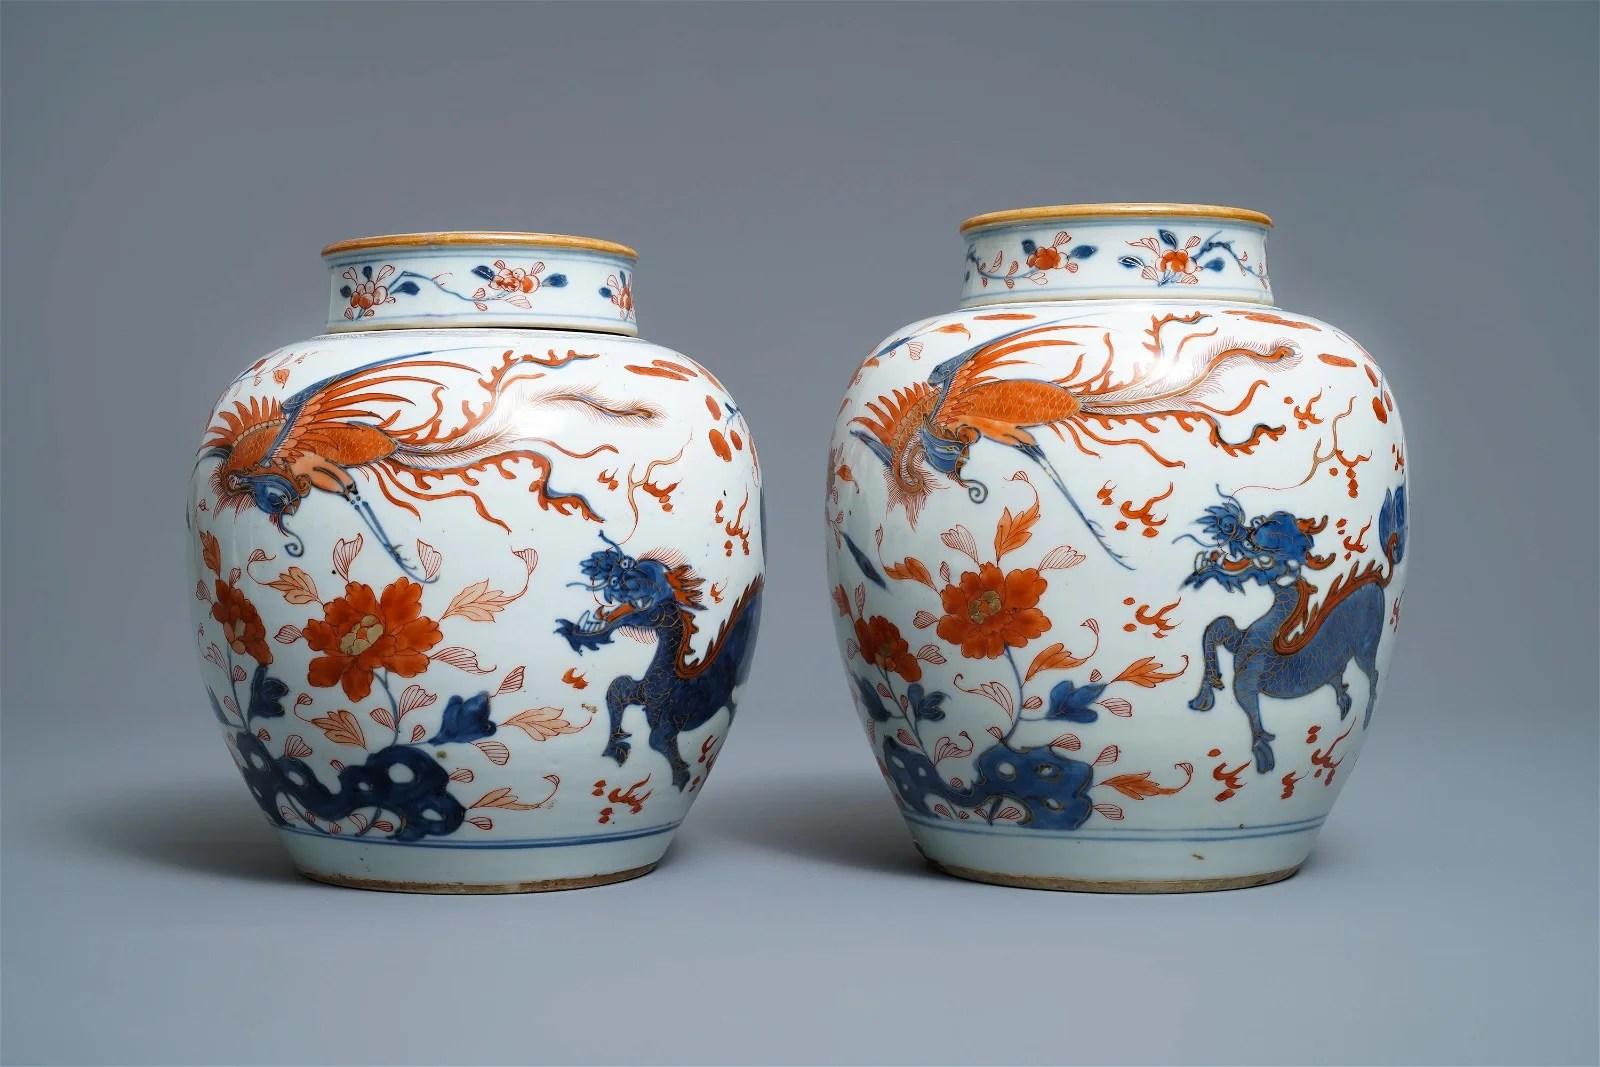 A pair of Chinese Imari-style 'qilin and phoenix' jars